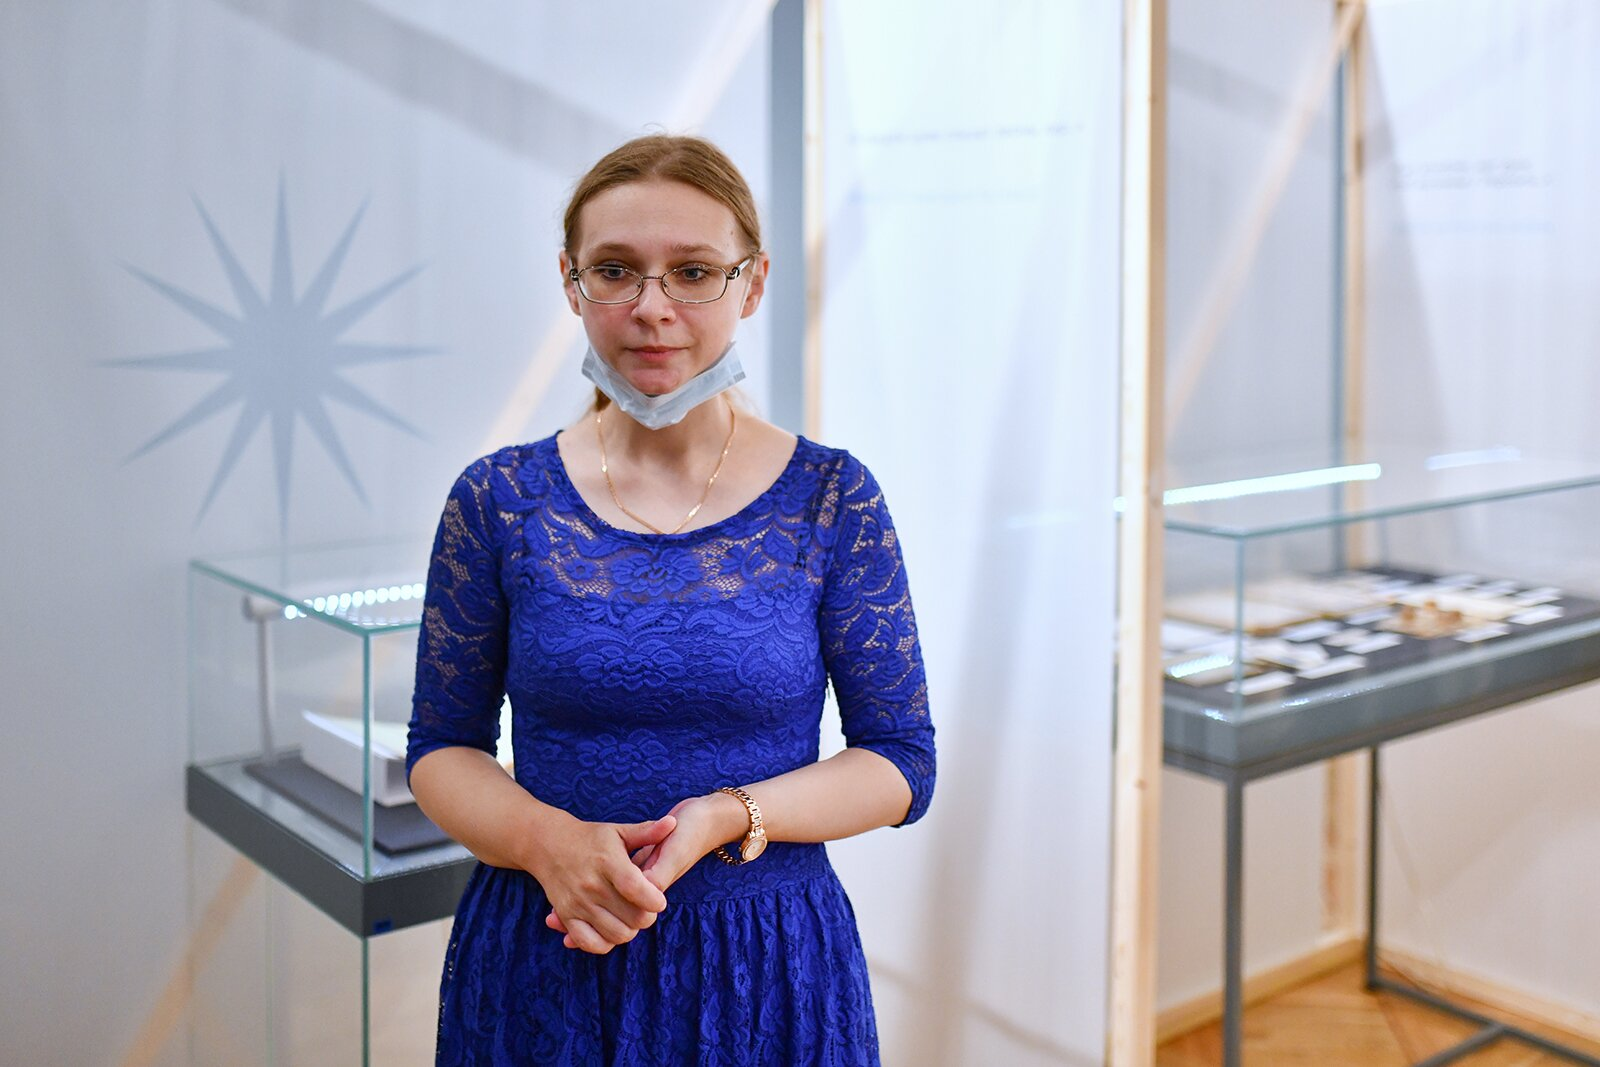 Мария Степанова. Фото Ю. Иванко. Mos.ru